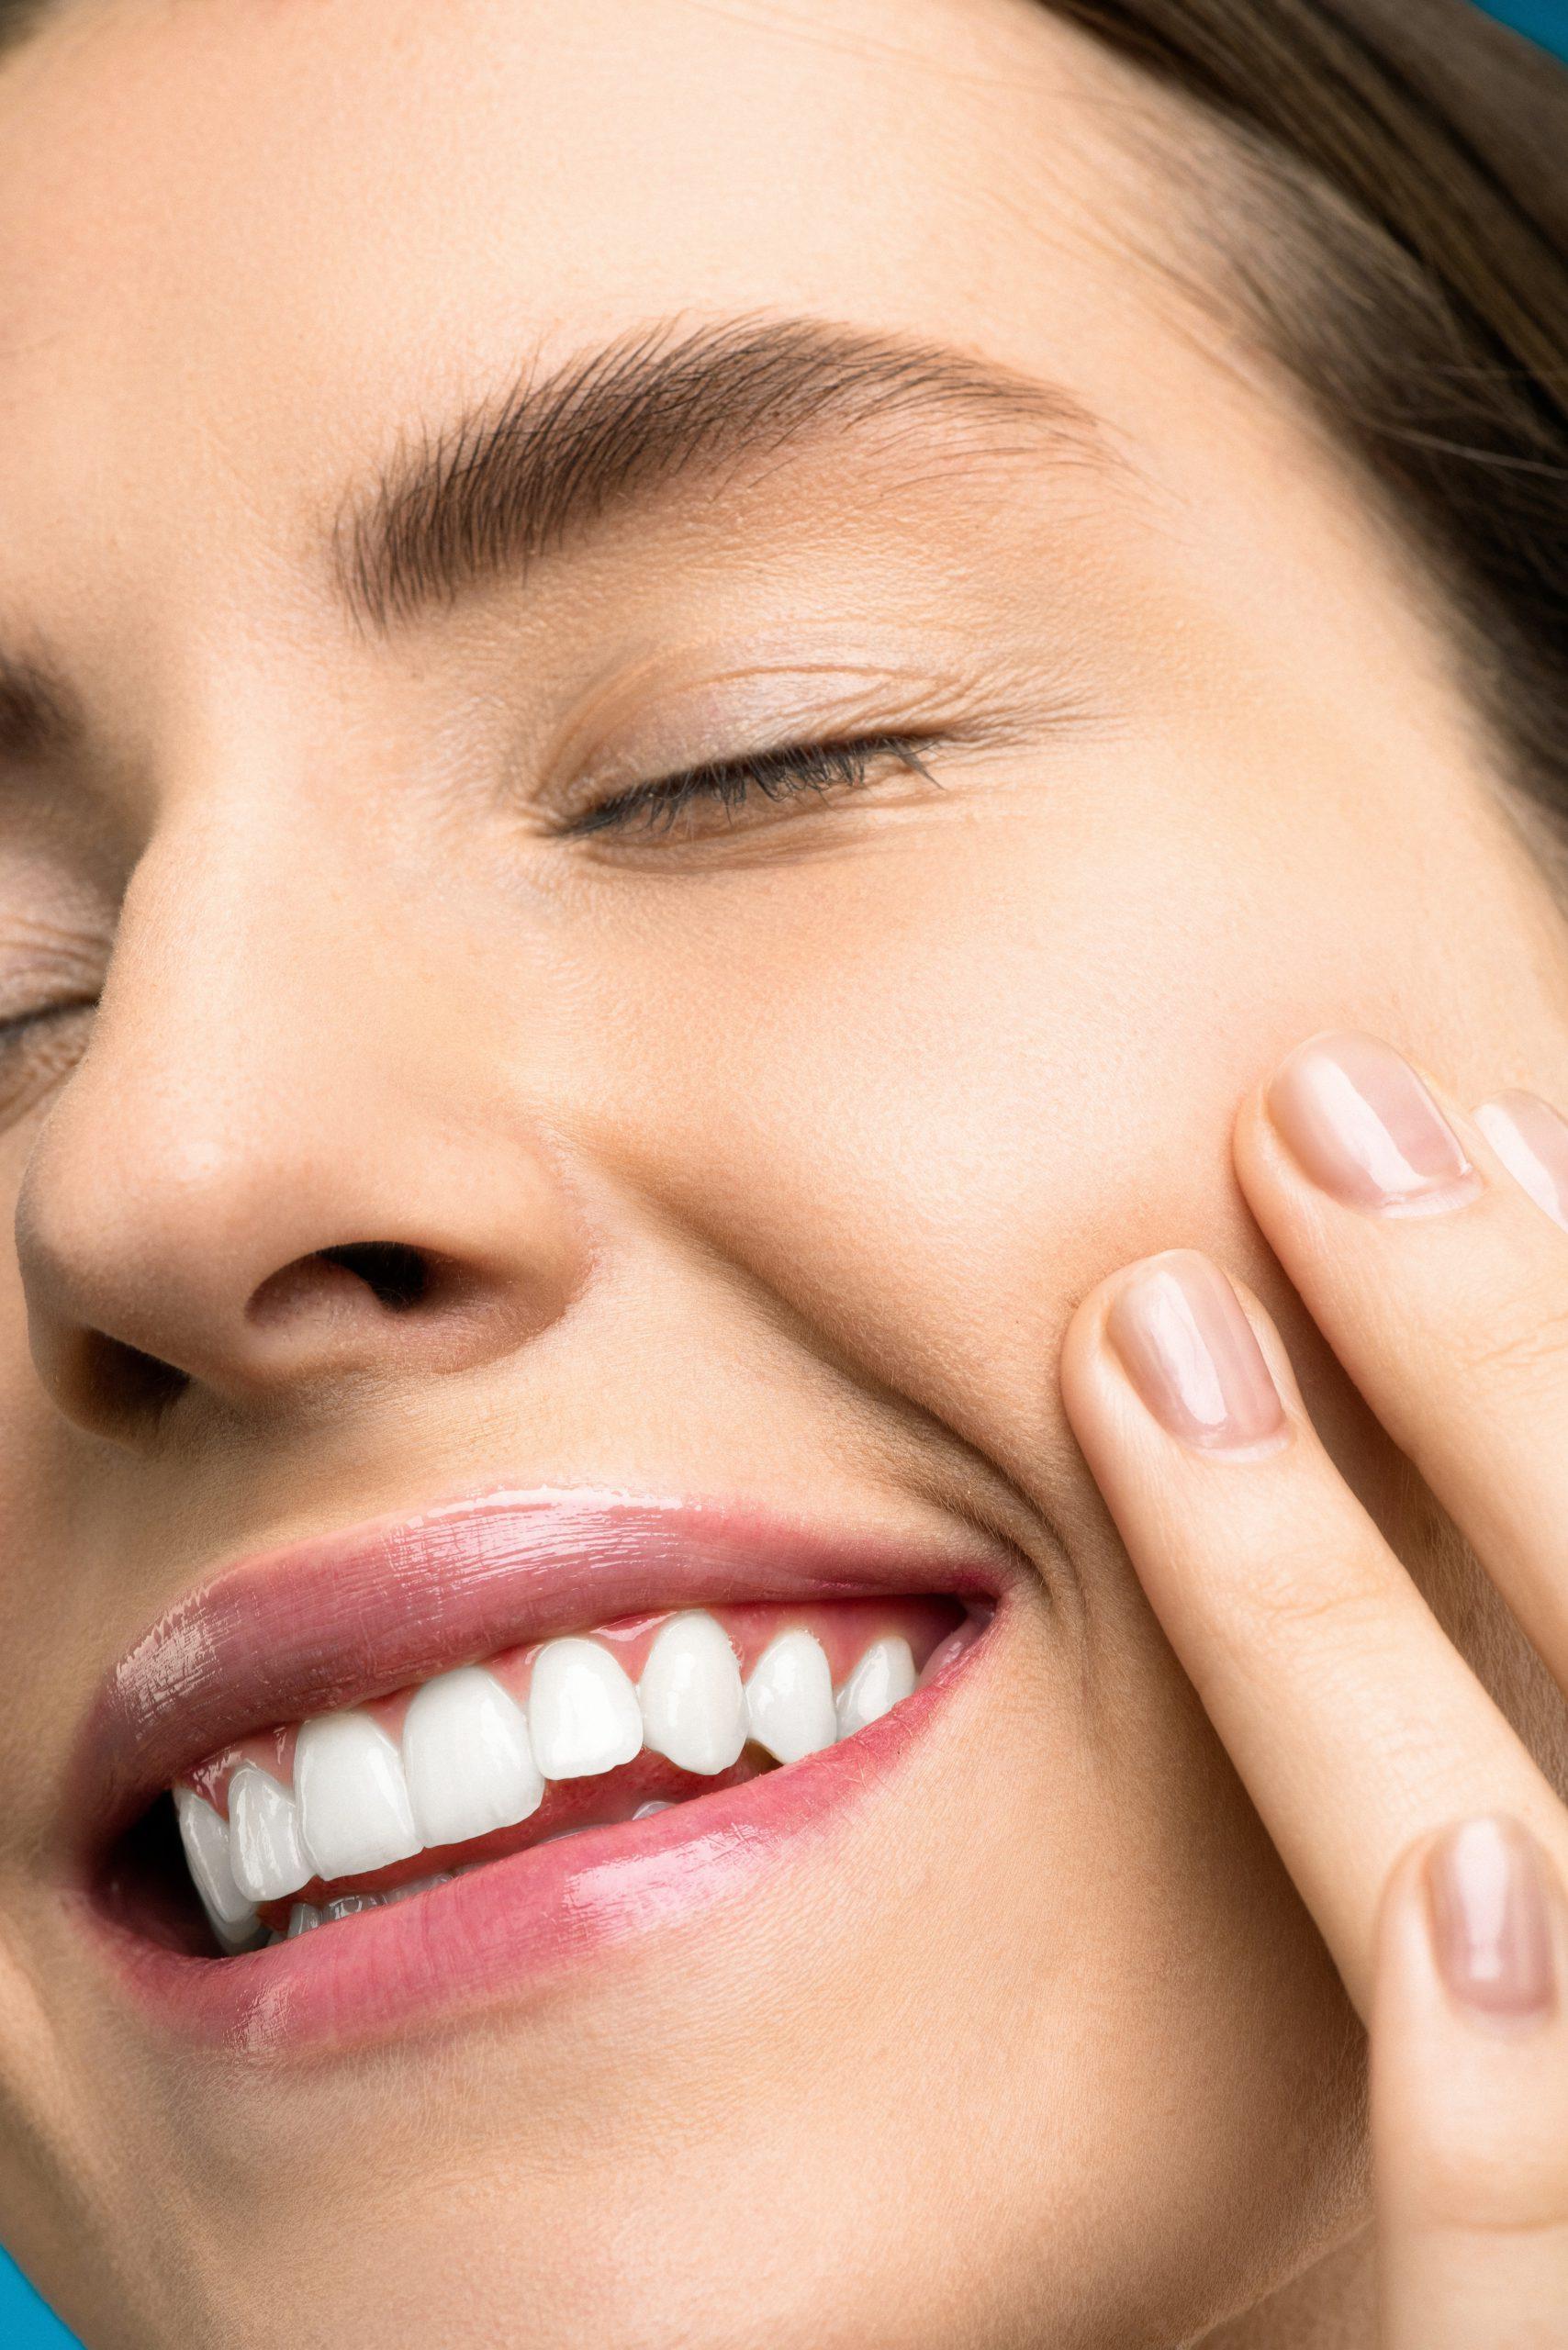 dental bonding women